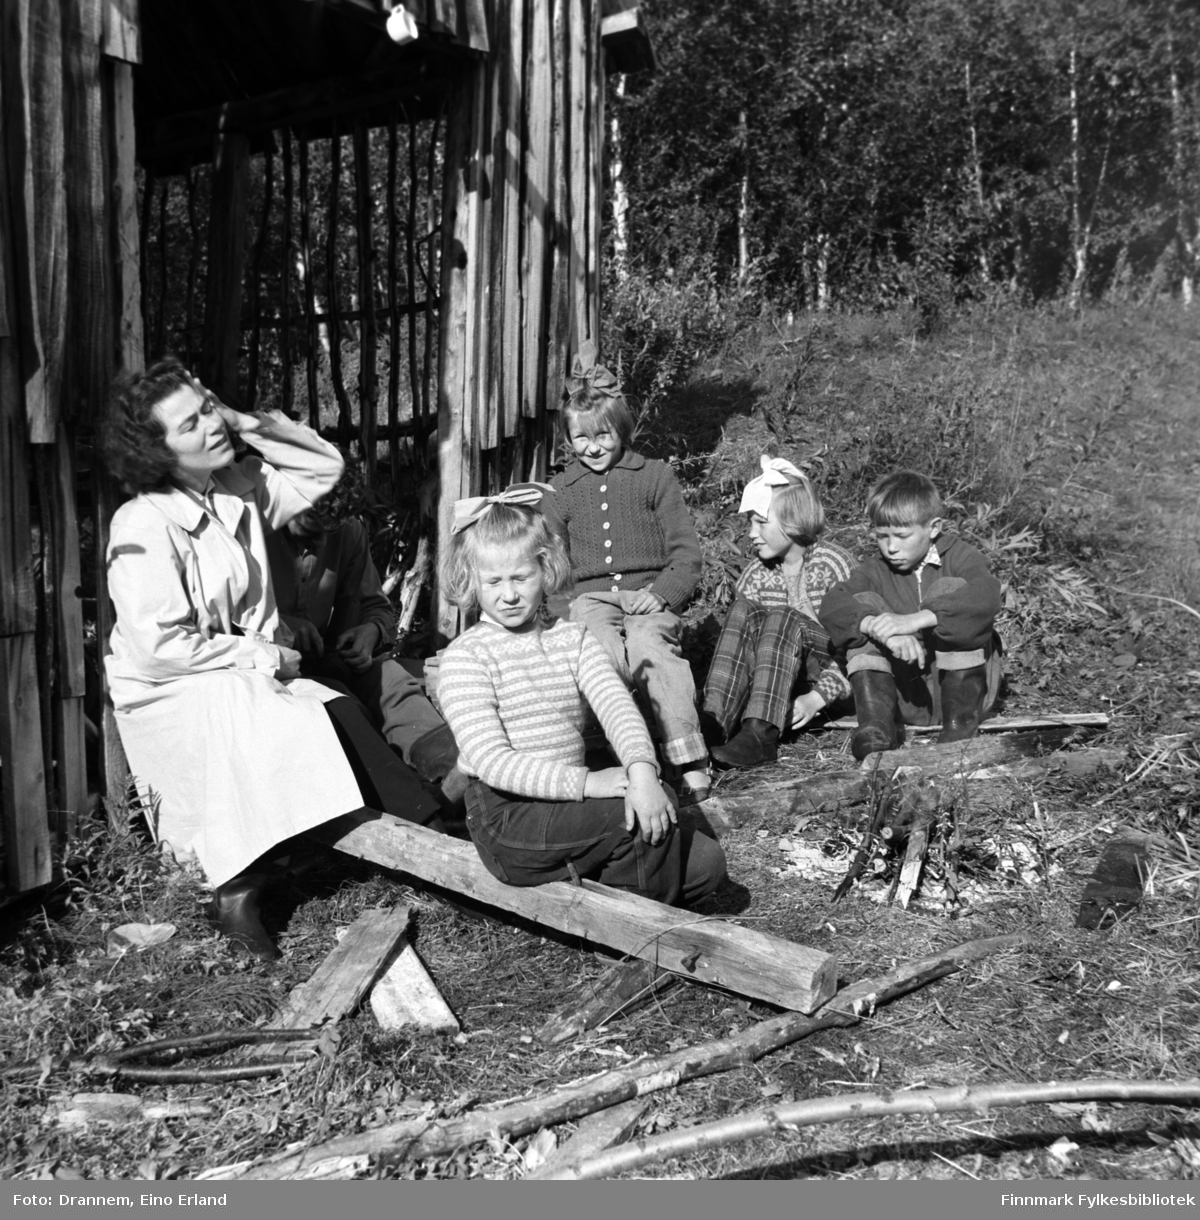 Ved bålet (fra venstre) Jenny Drannem, Turid Lillian, Aud Mathisen (født Arvola), Mary Karikoski og Magnar Karikoski. Stedet er 'Kotola' i Nedre Neiden